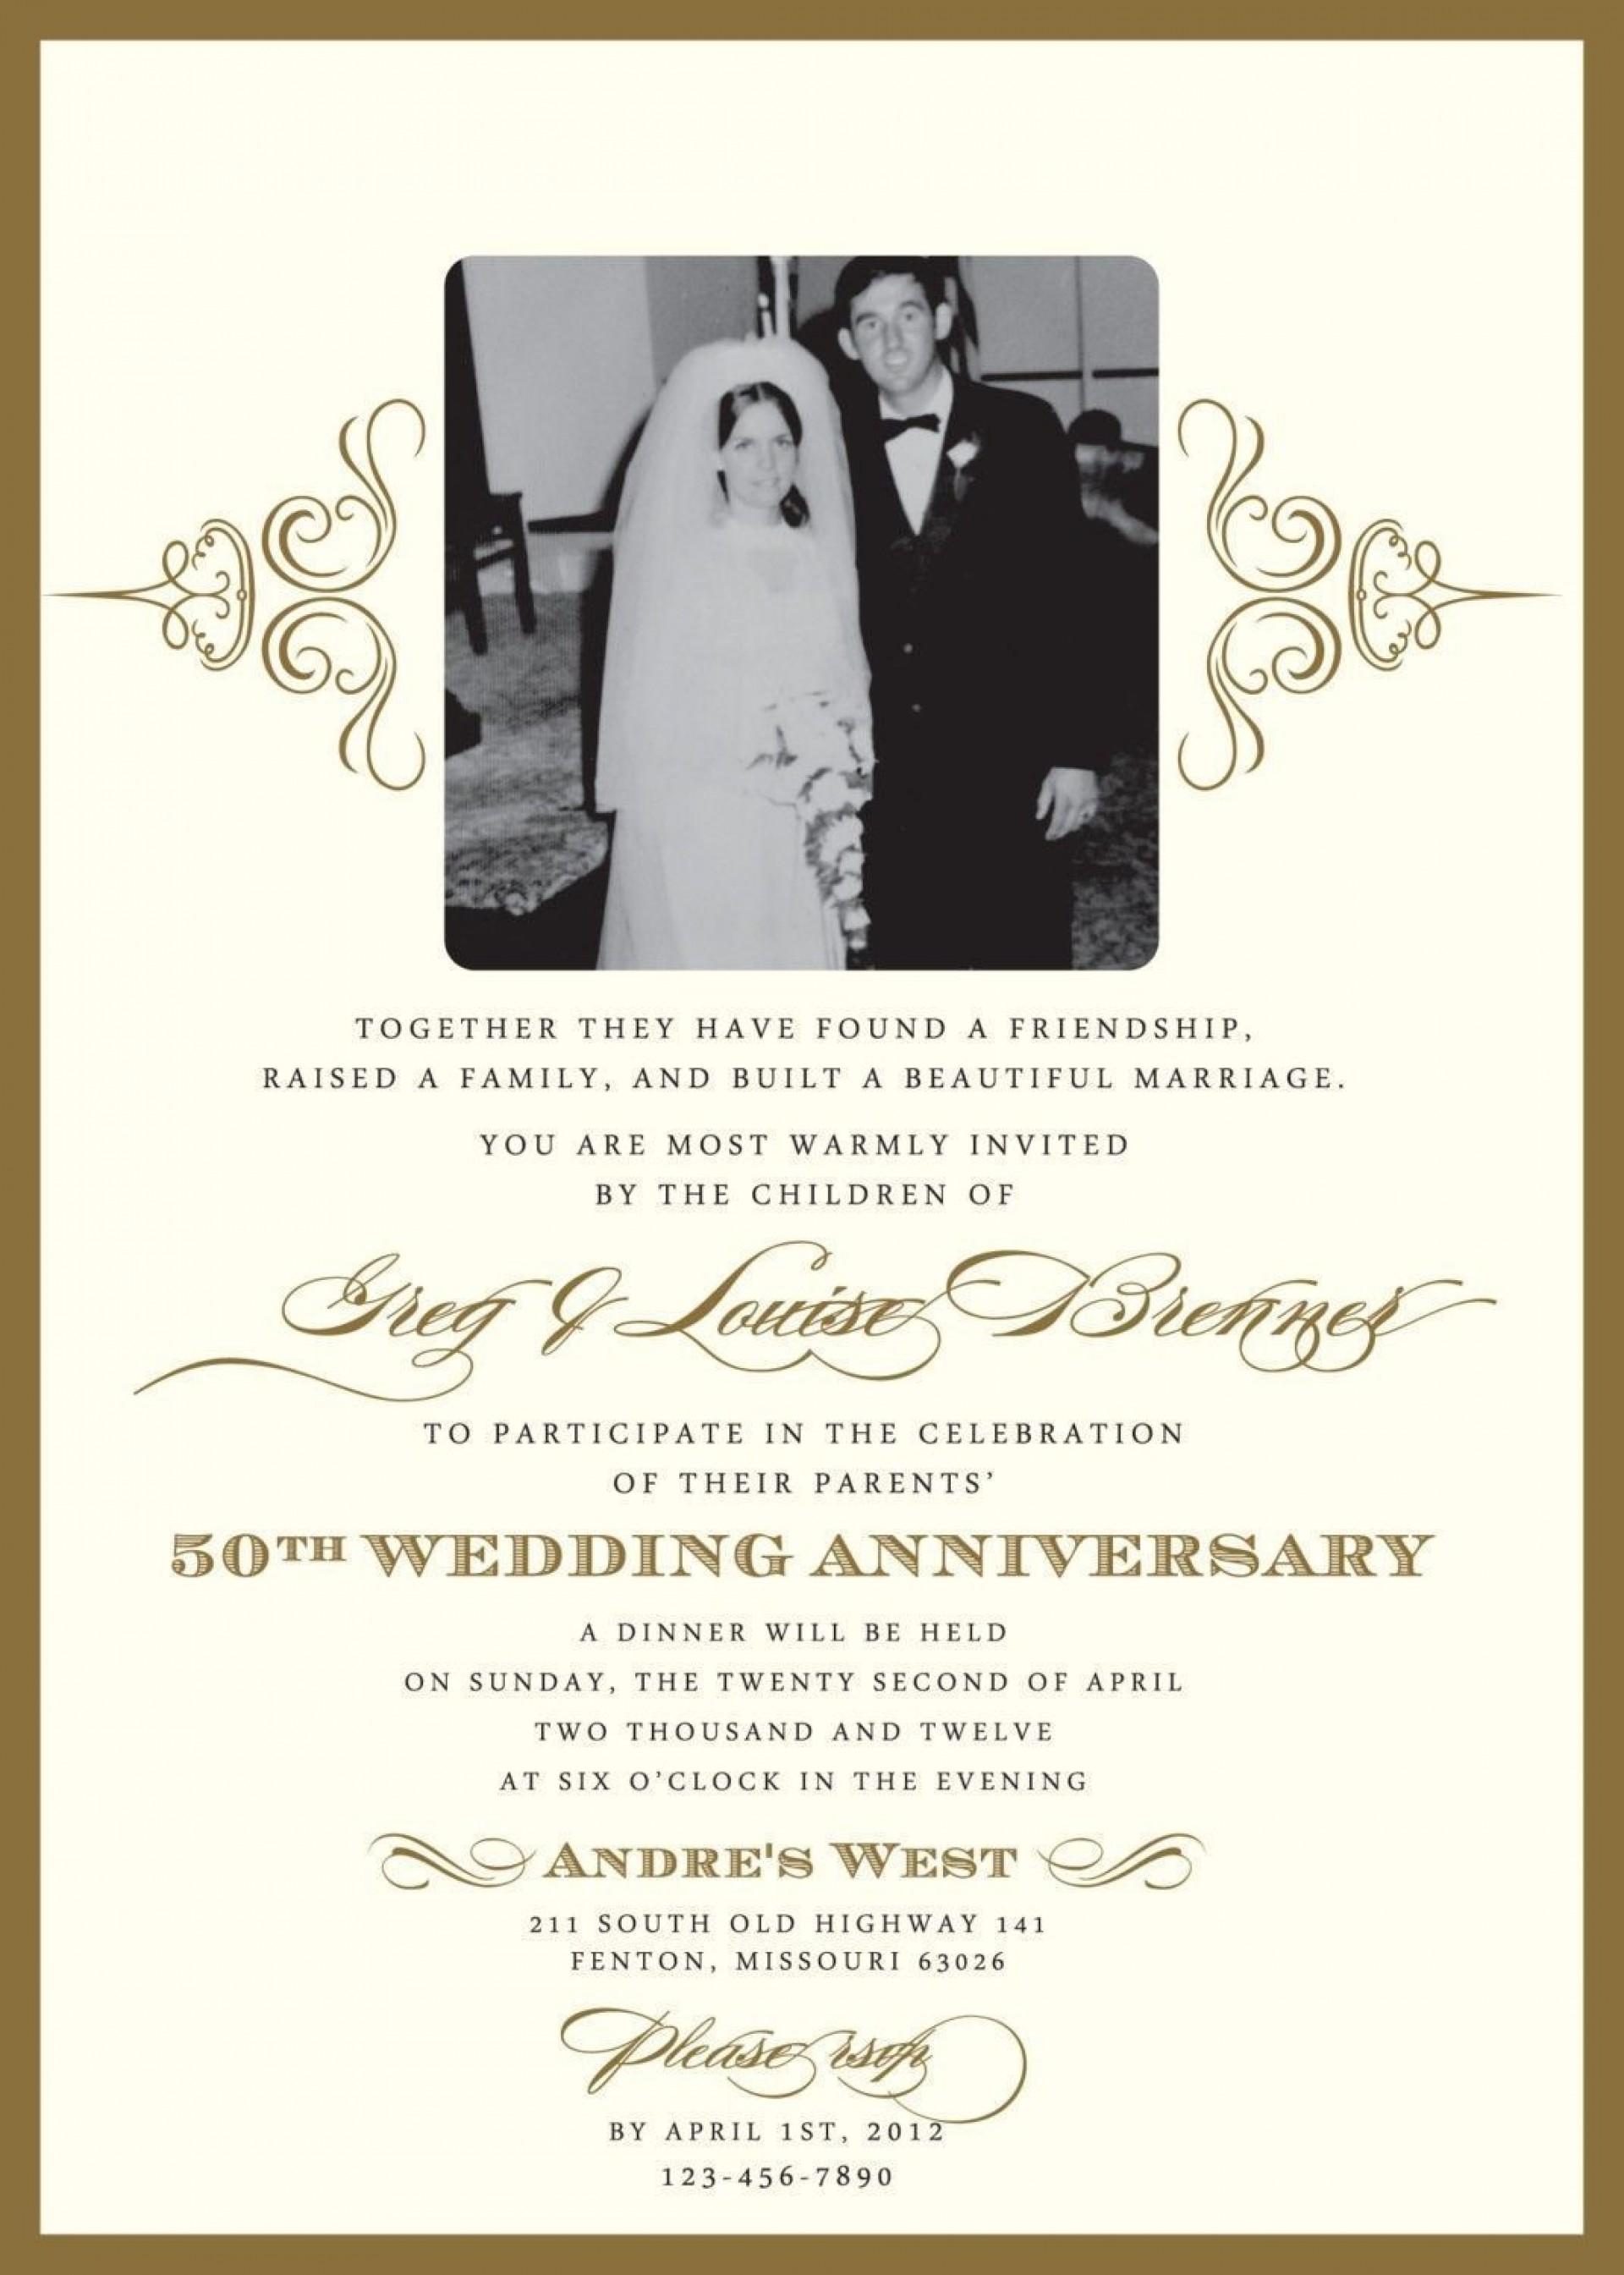 000 Impressive 50th Wedding Anniversary Invitation Card Template Picture  Templates Sample1920